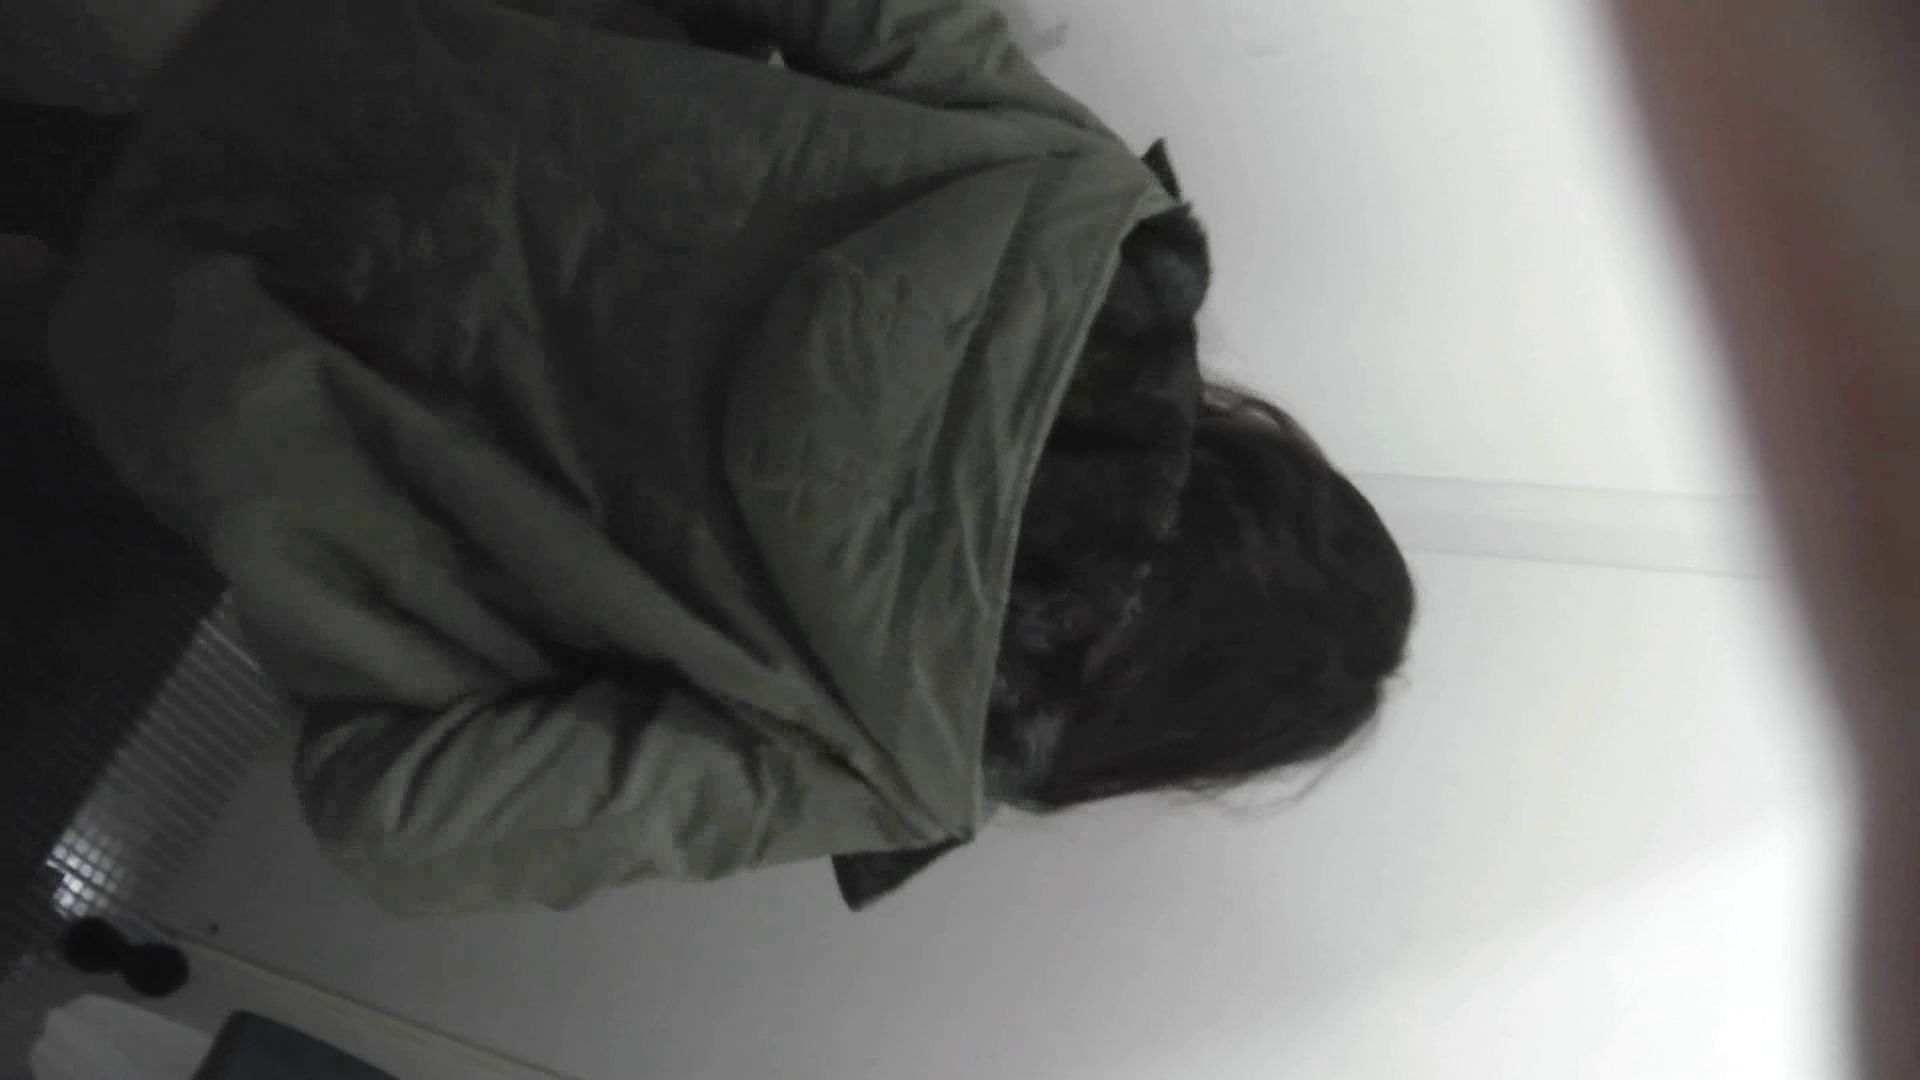 日本成人用品展览会。vol.02 着替えシーンもありマス 潜入 | 美女OL  41連発 16